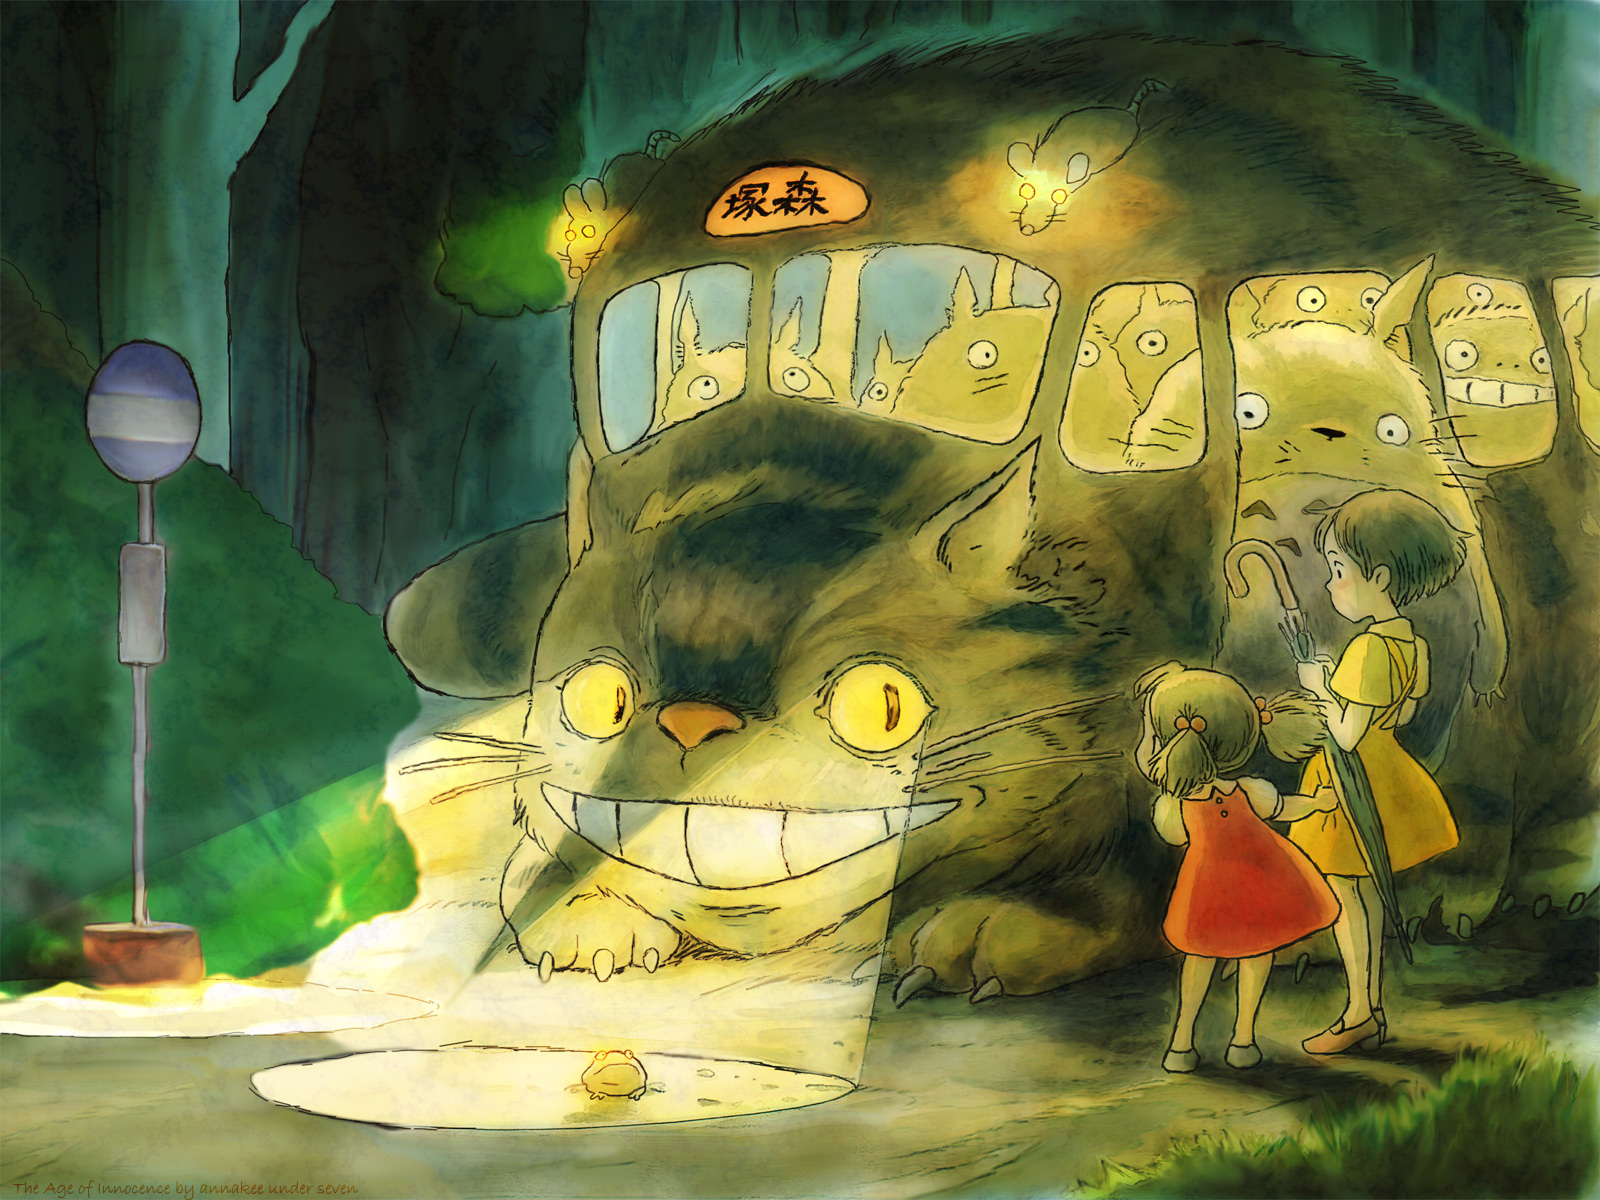 http://2.bp.blogspot.com/_YHBdMgVa_78/TKsoX6SysjI/AAAAAAAAABE/0CzolbH7UWY/s1600/Anime-My-Neighbor-Totoro-27974.jpg